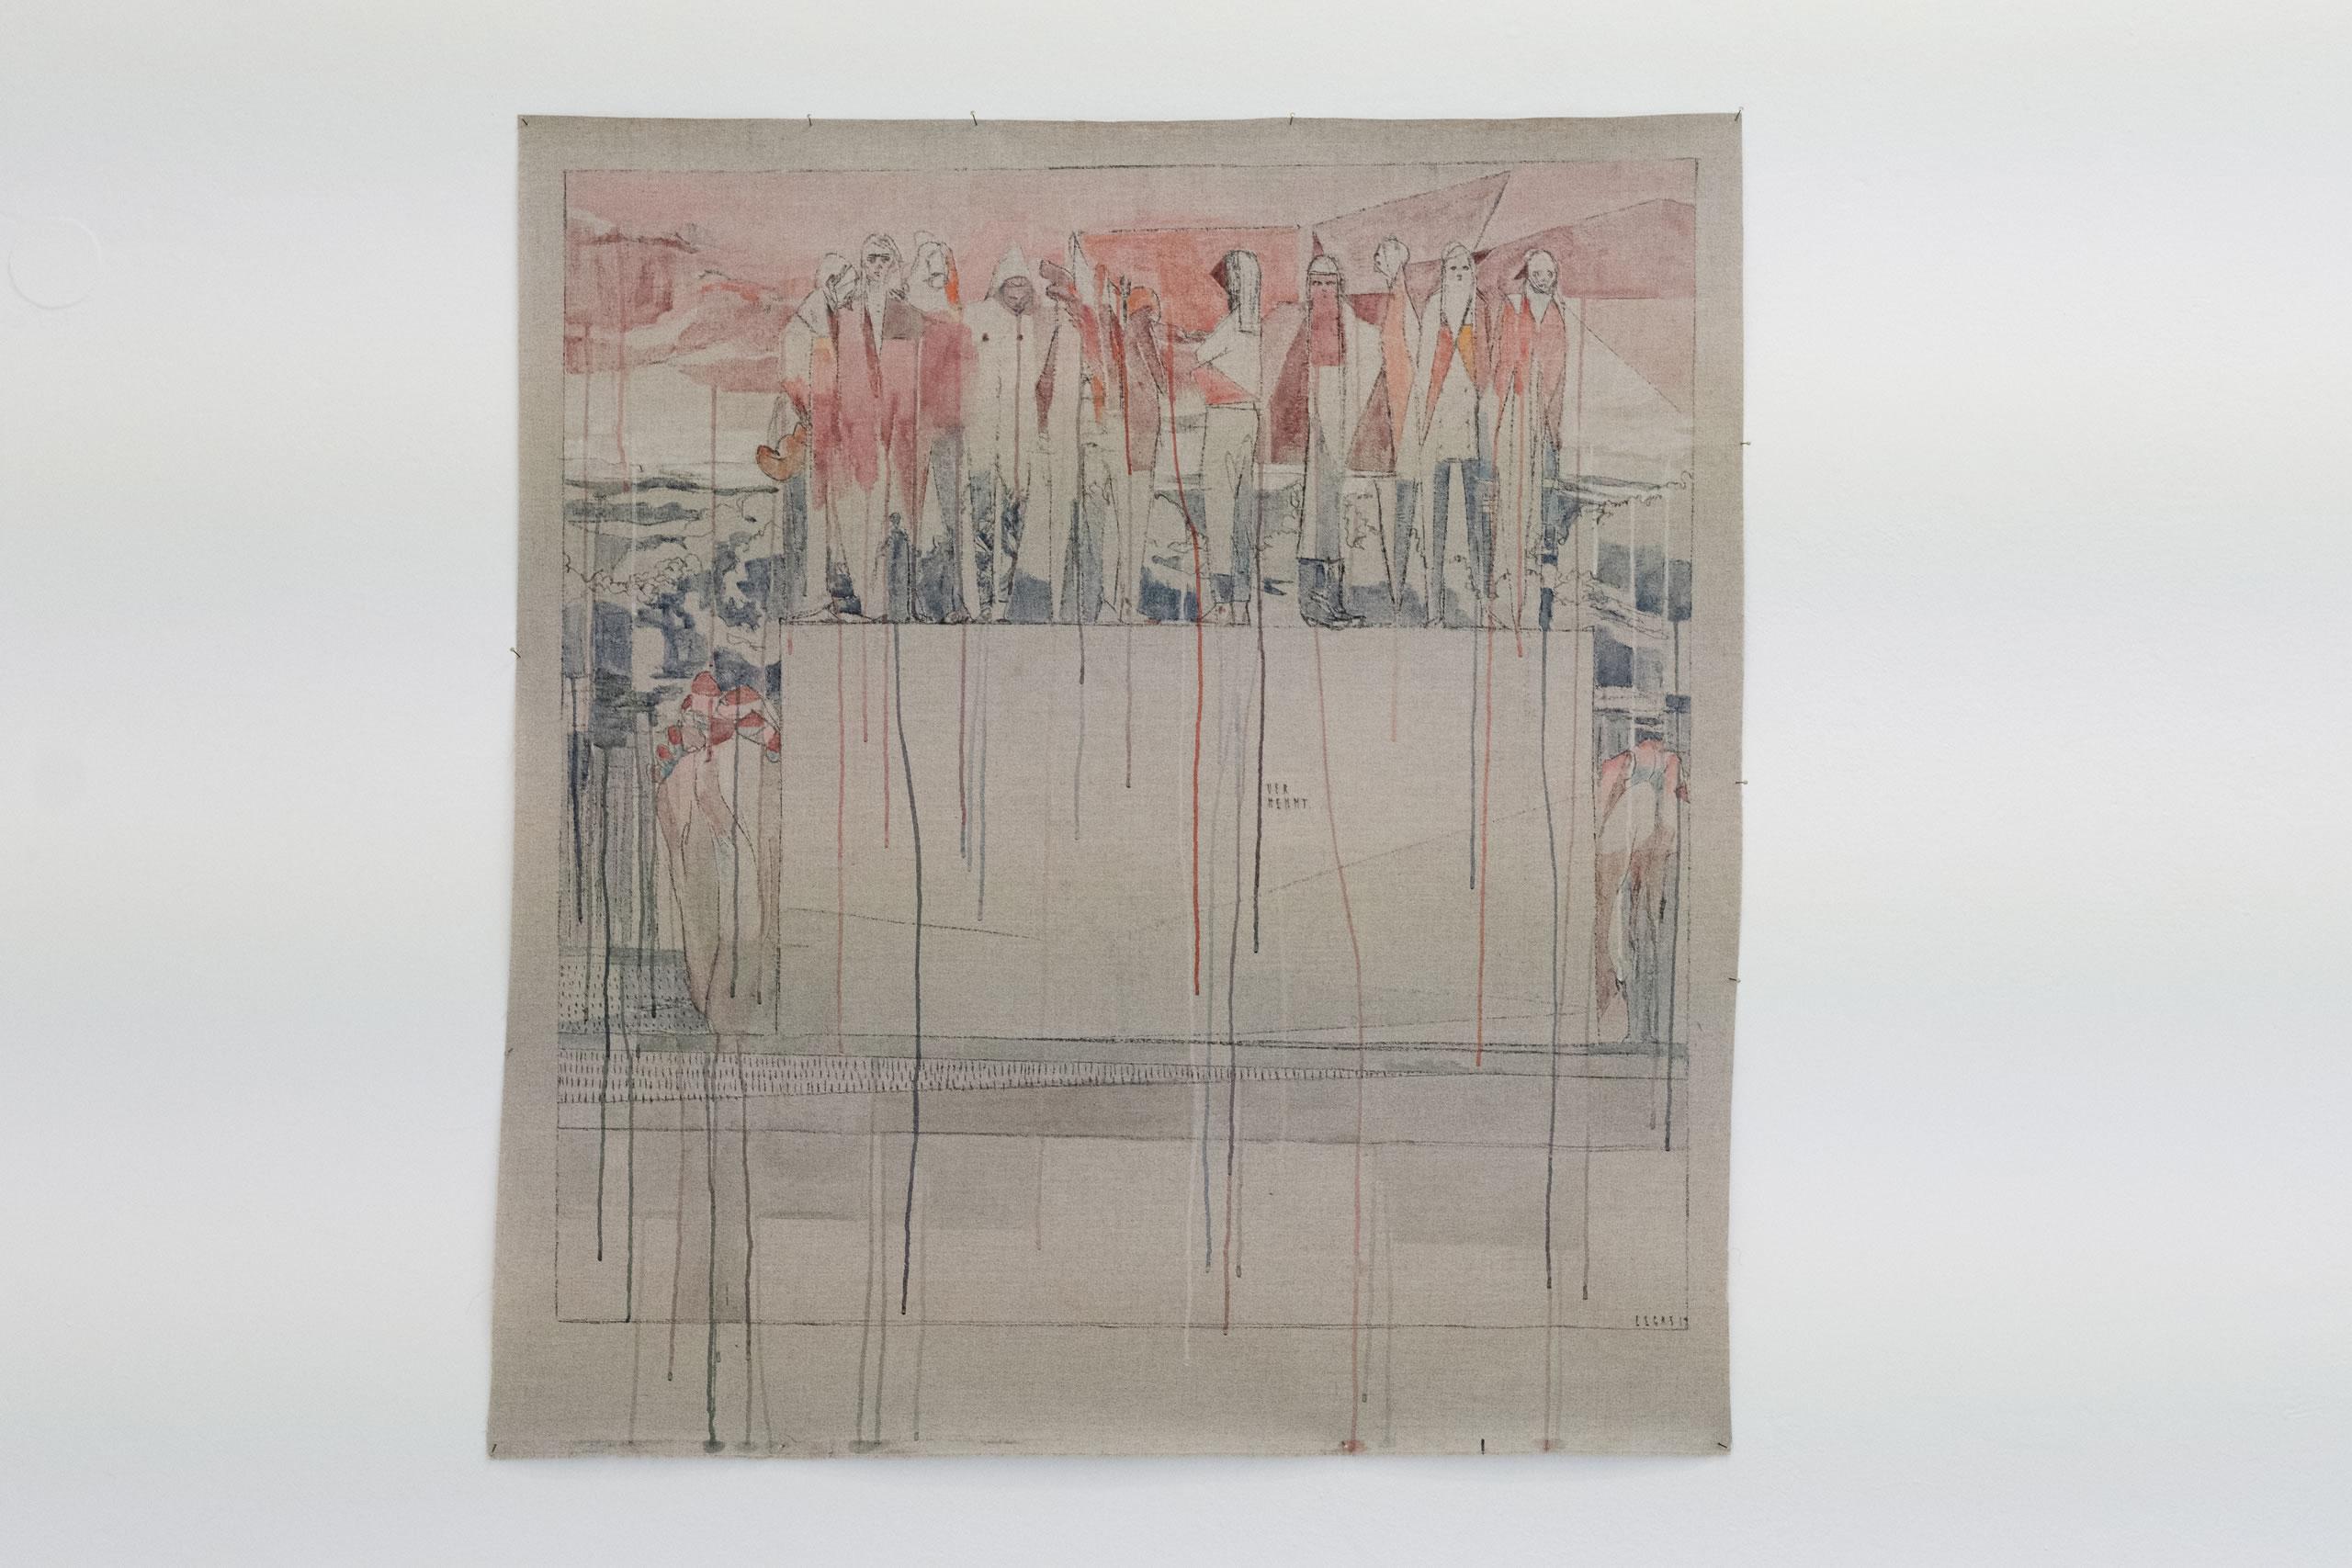 3. Törn | Maria Legat | II | Foto Manu Lasnik | 2019 | Galerie3